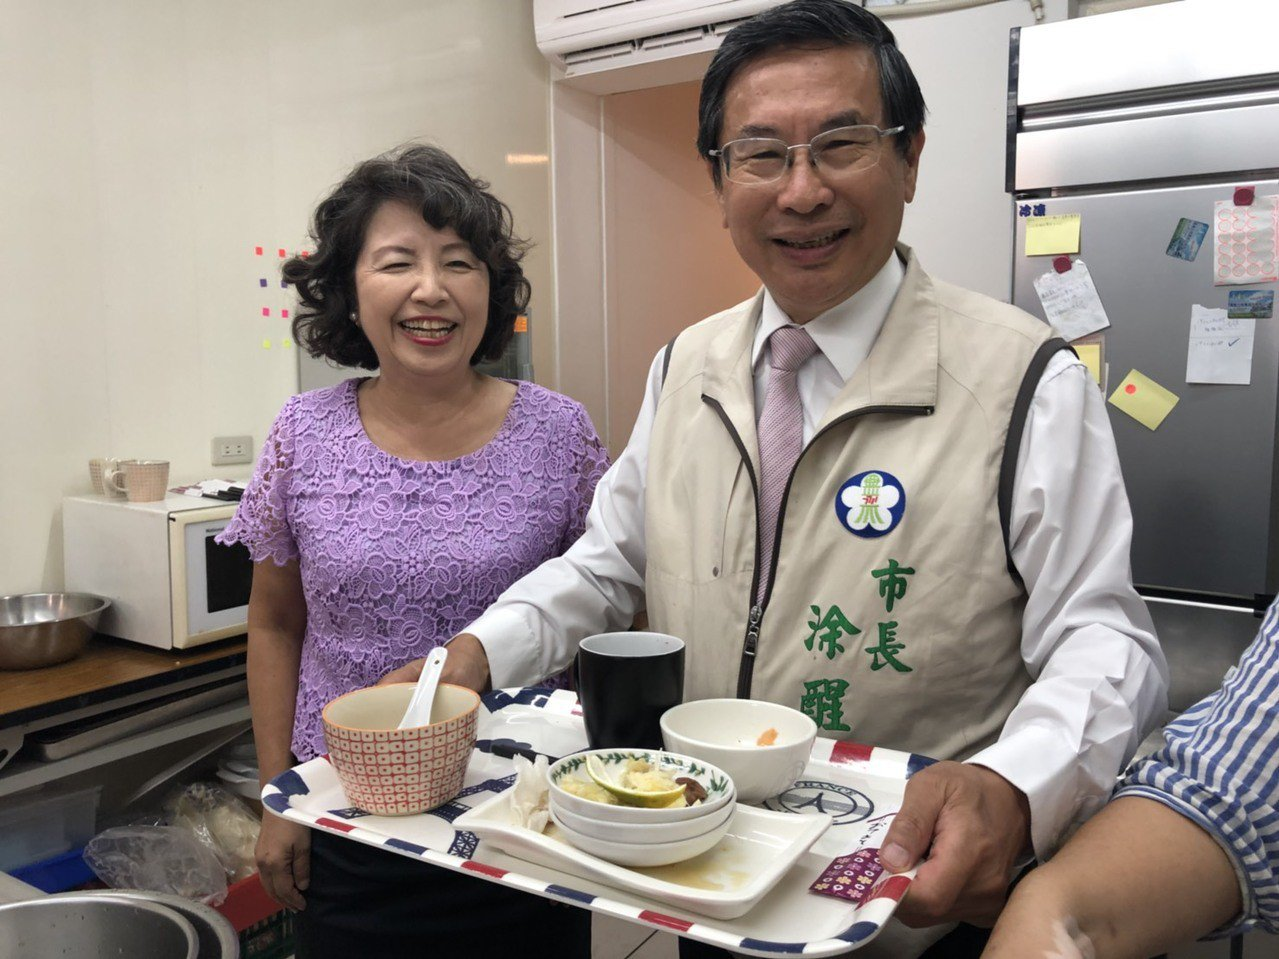 嘉基醫院、雙福基金會開辦的「大齡食堂」,由長者依個人專長和能力,分別擔任廚師群和...